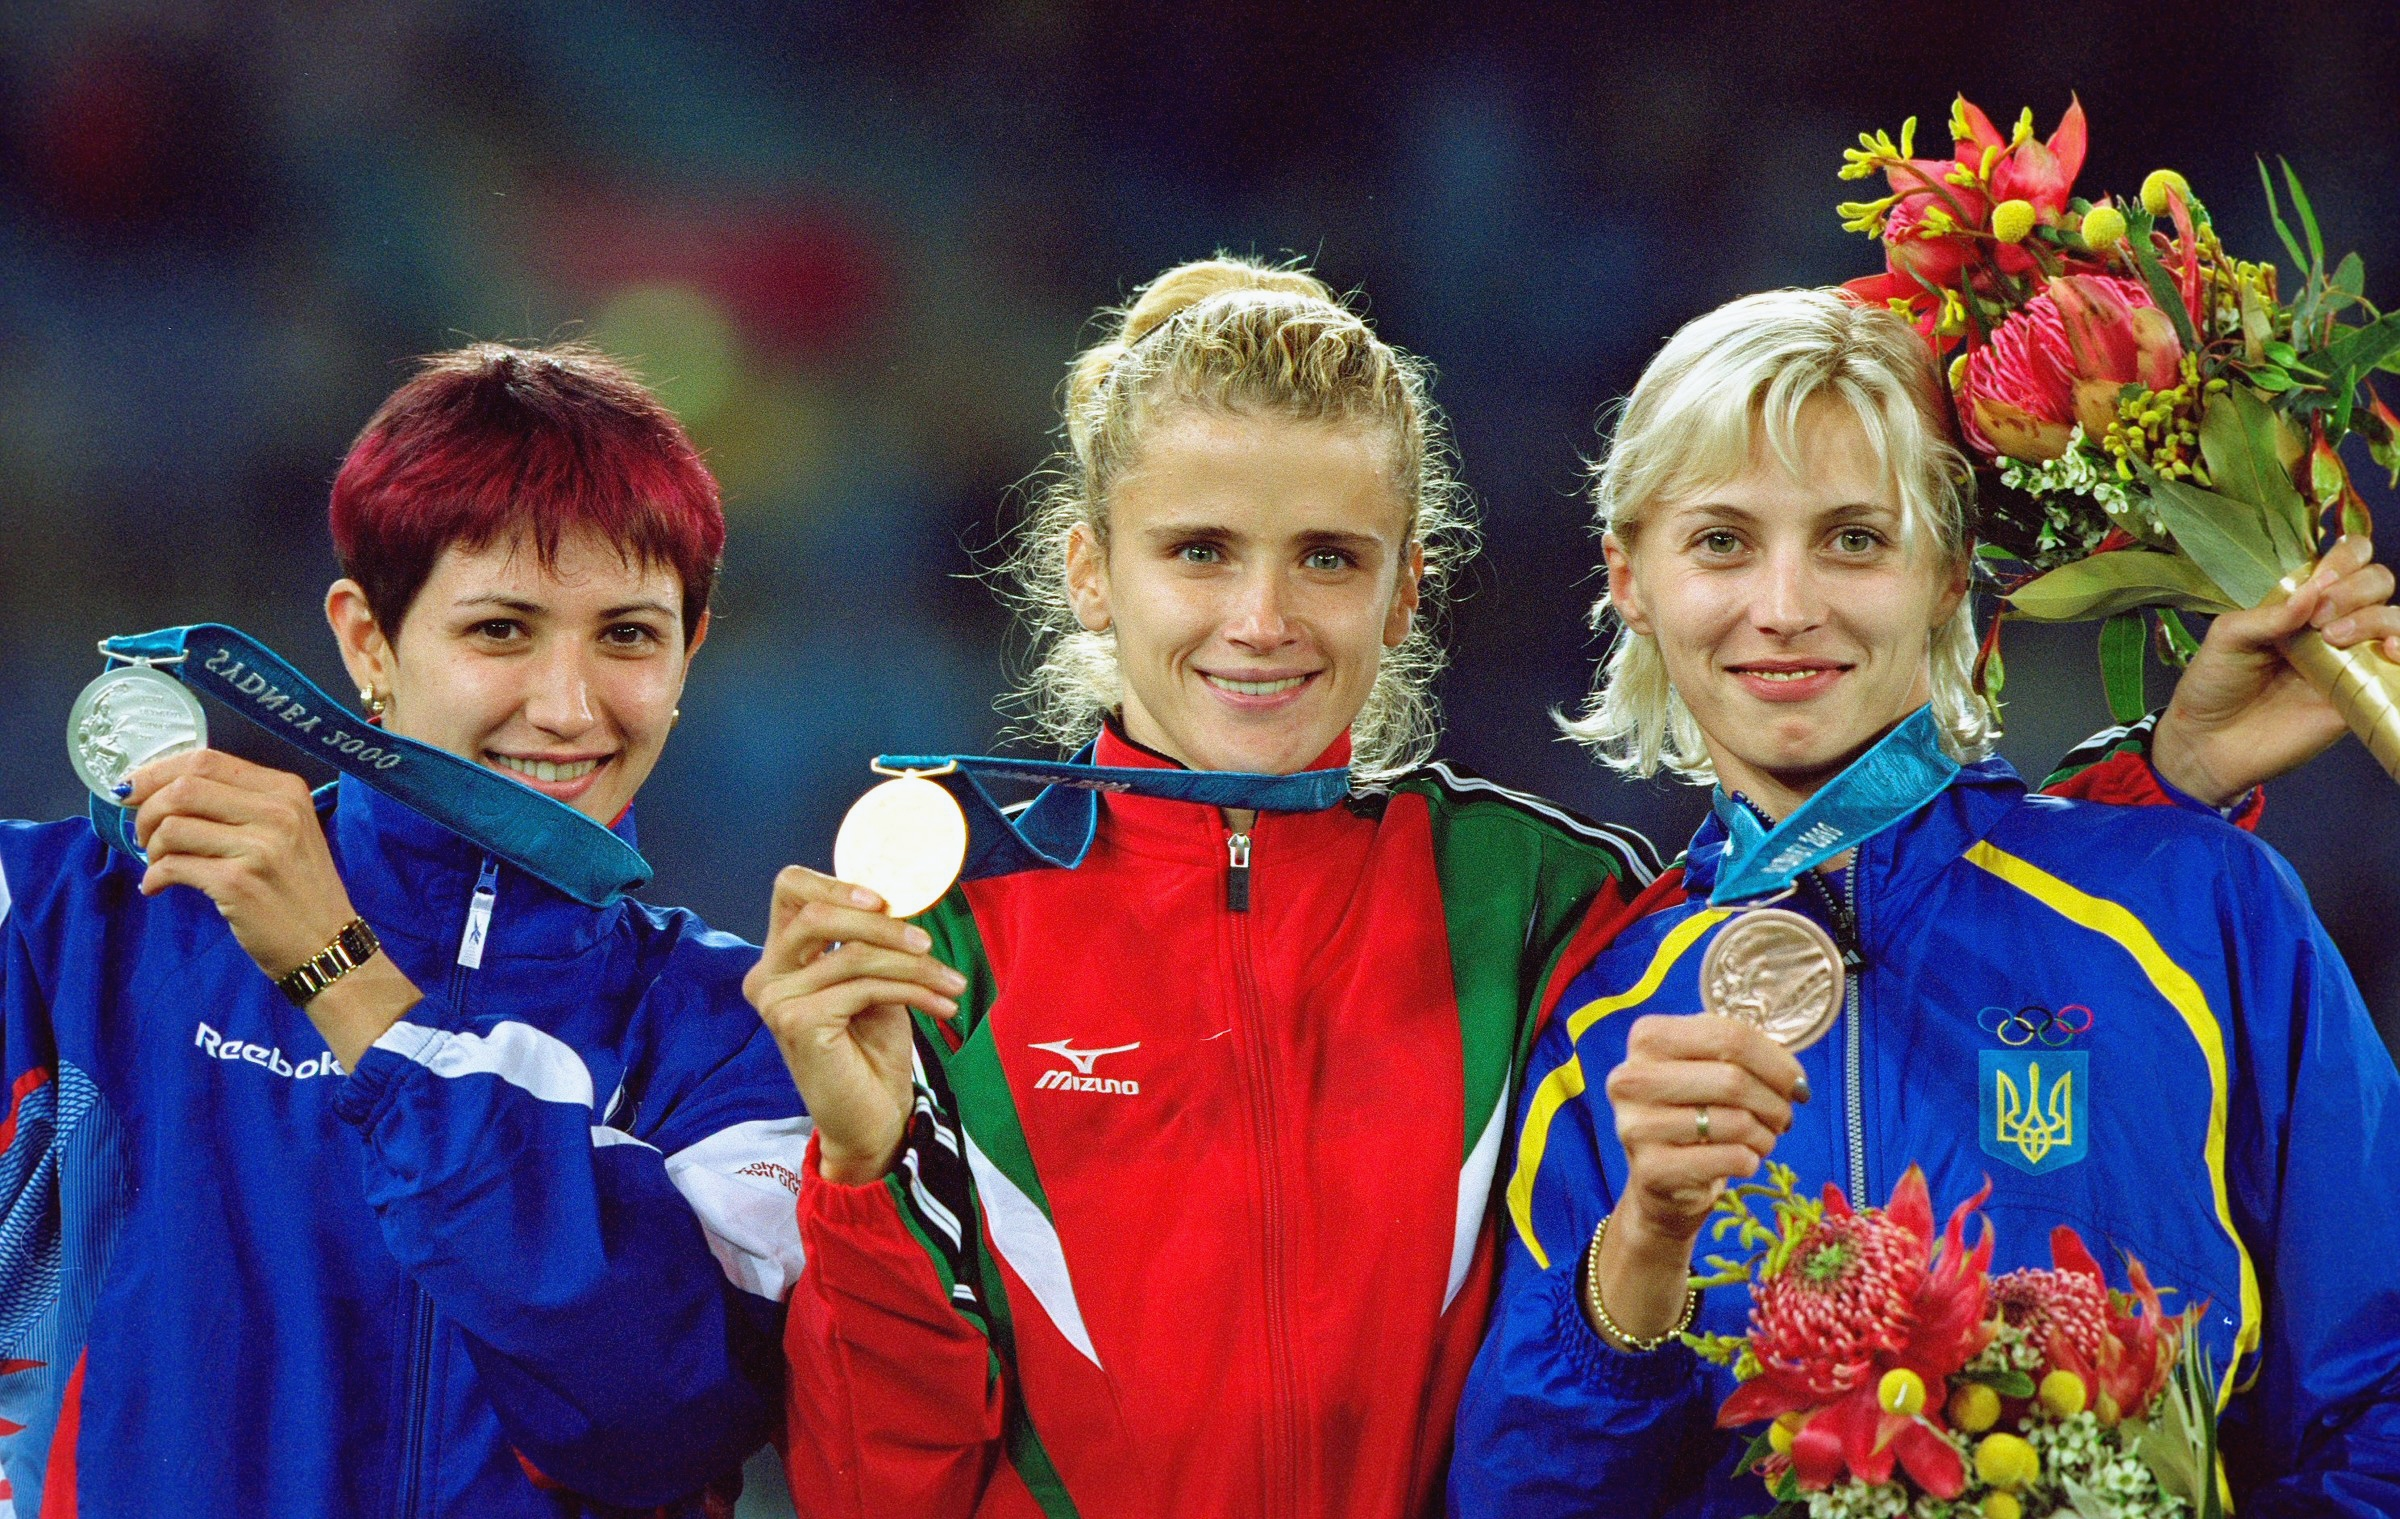 Днес се навършват точно 20 години от спечелването на златния